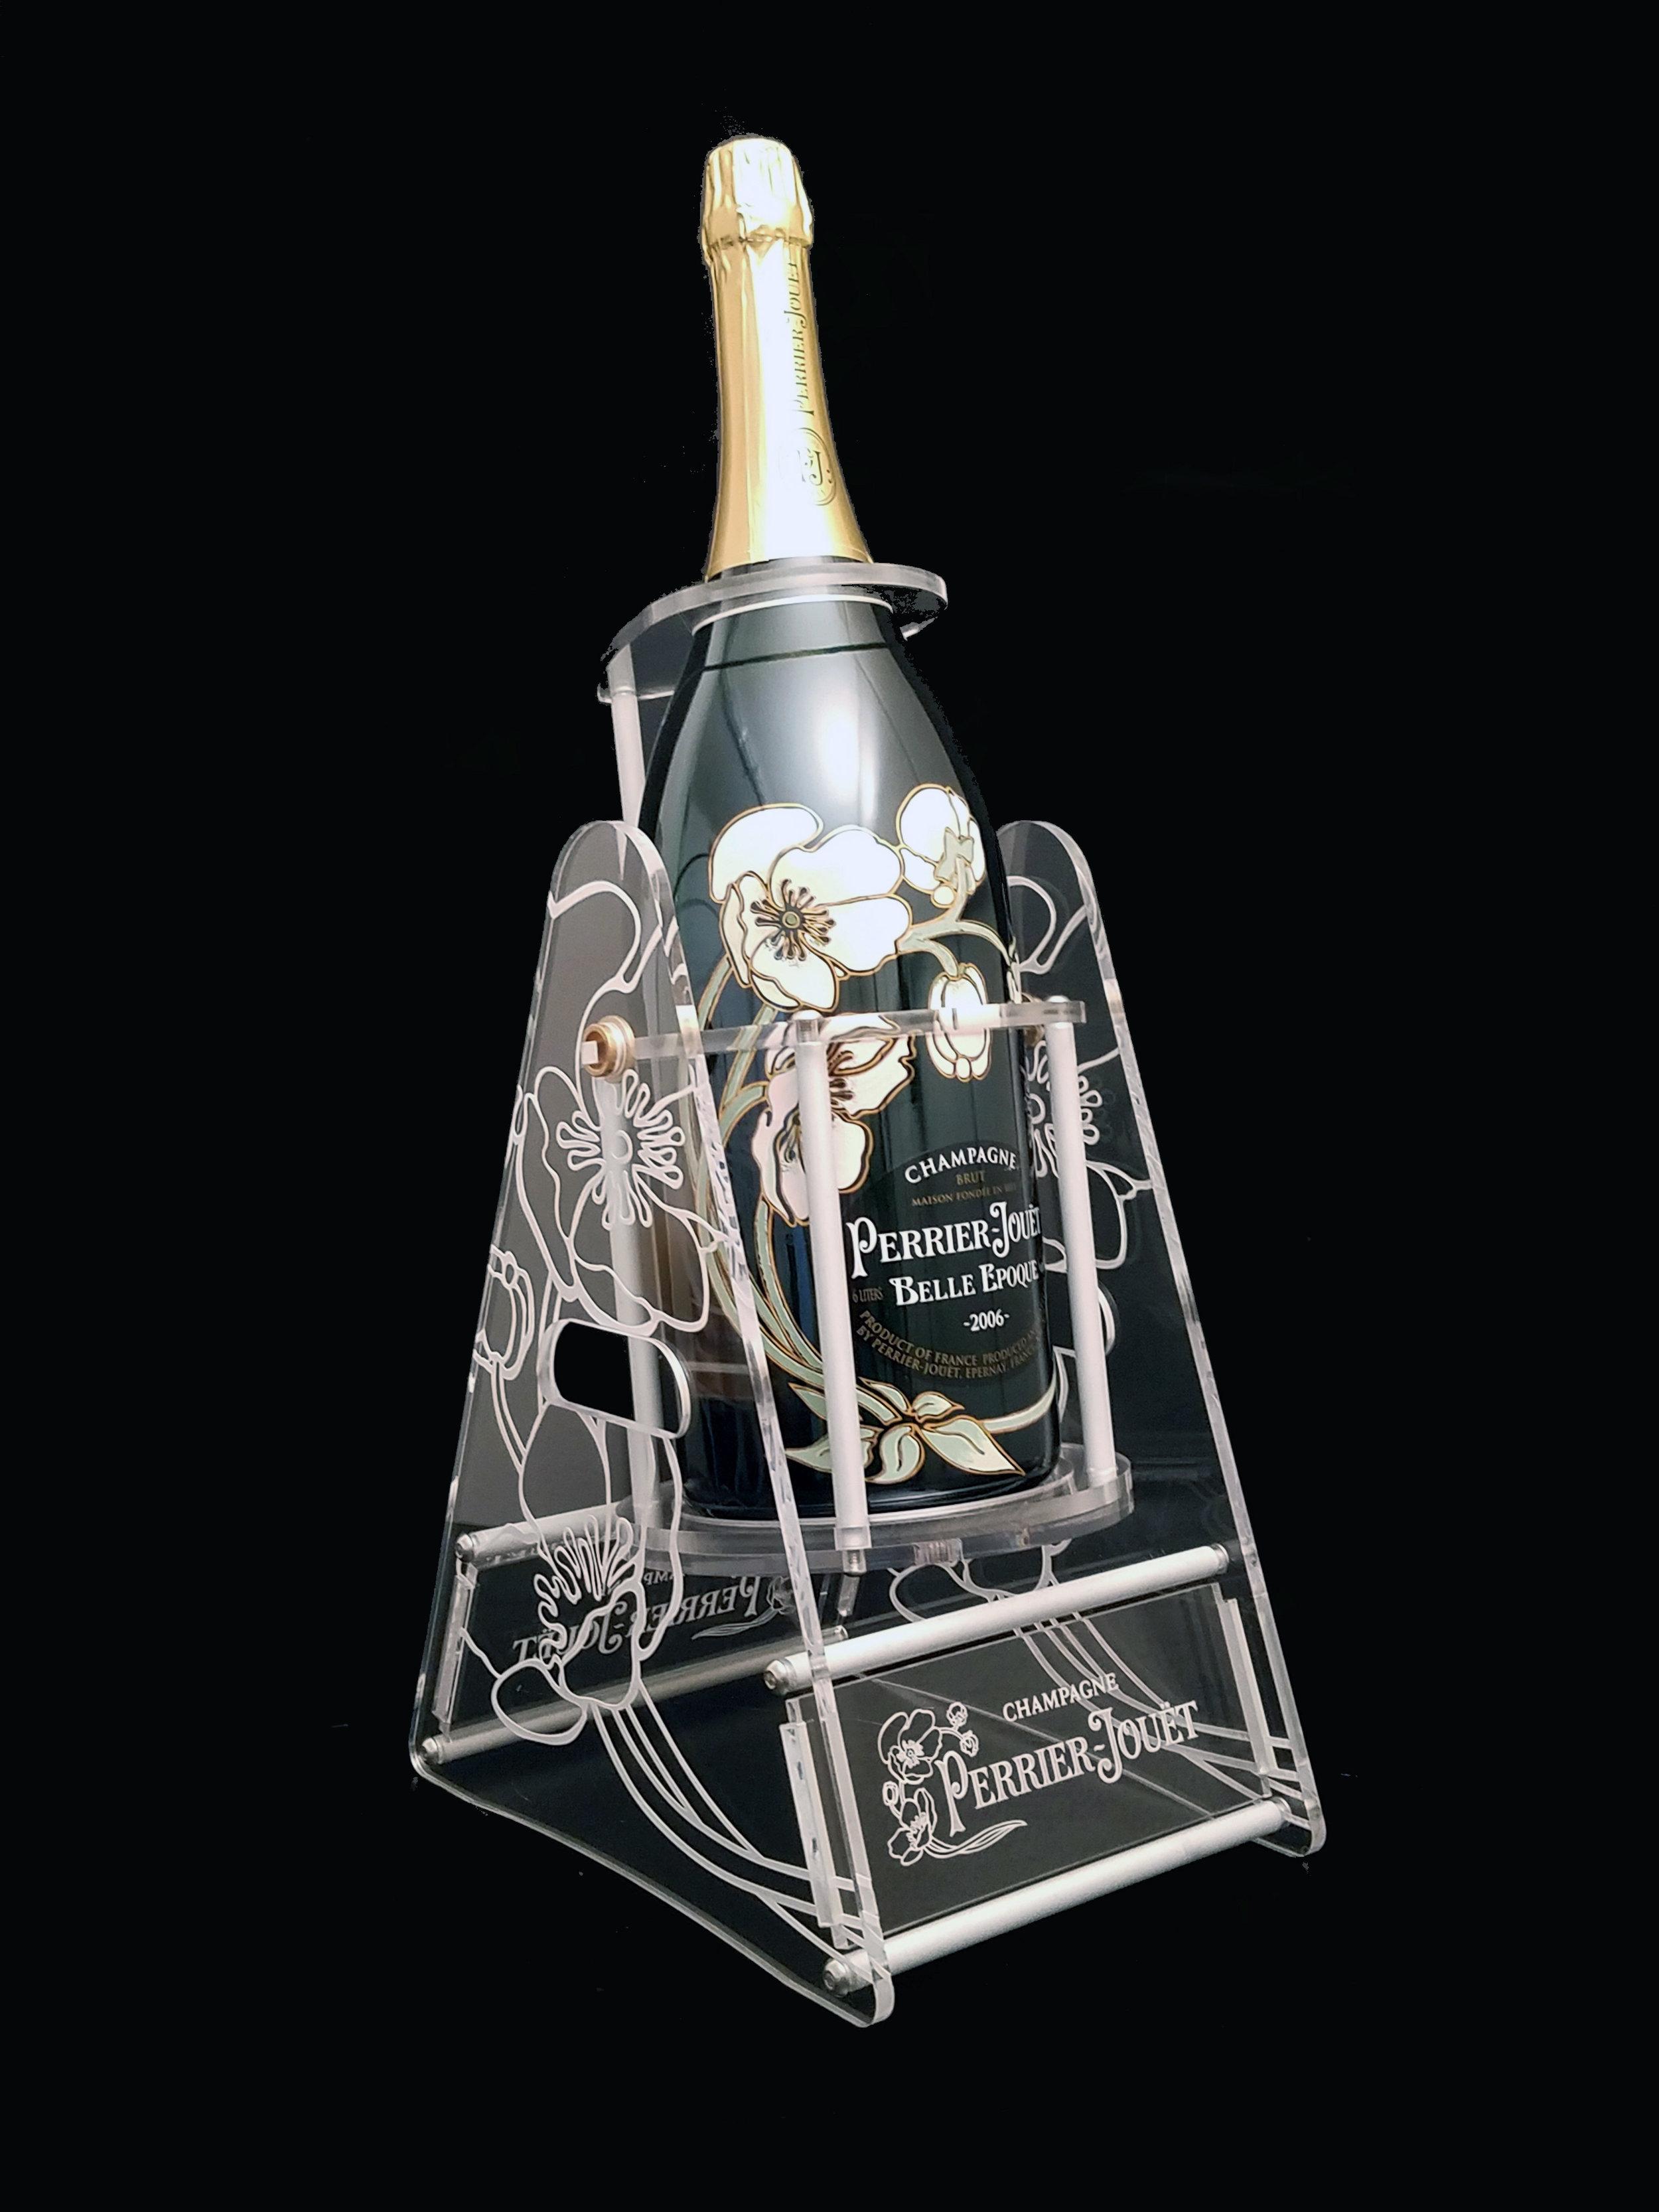 Perrier Jouet 6 Liter.jpg